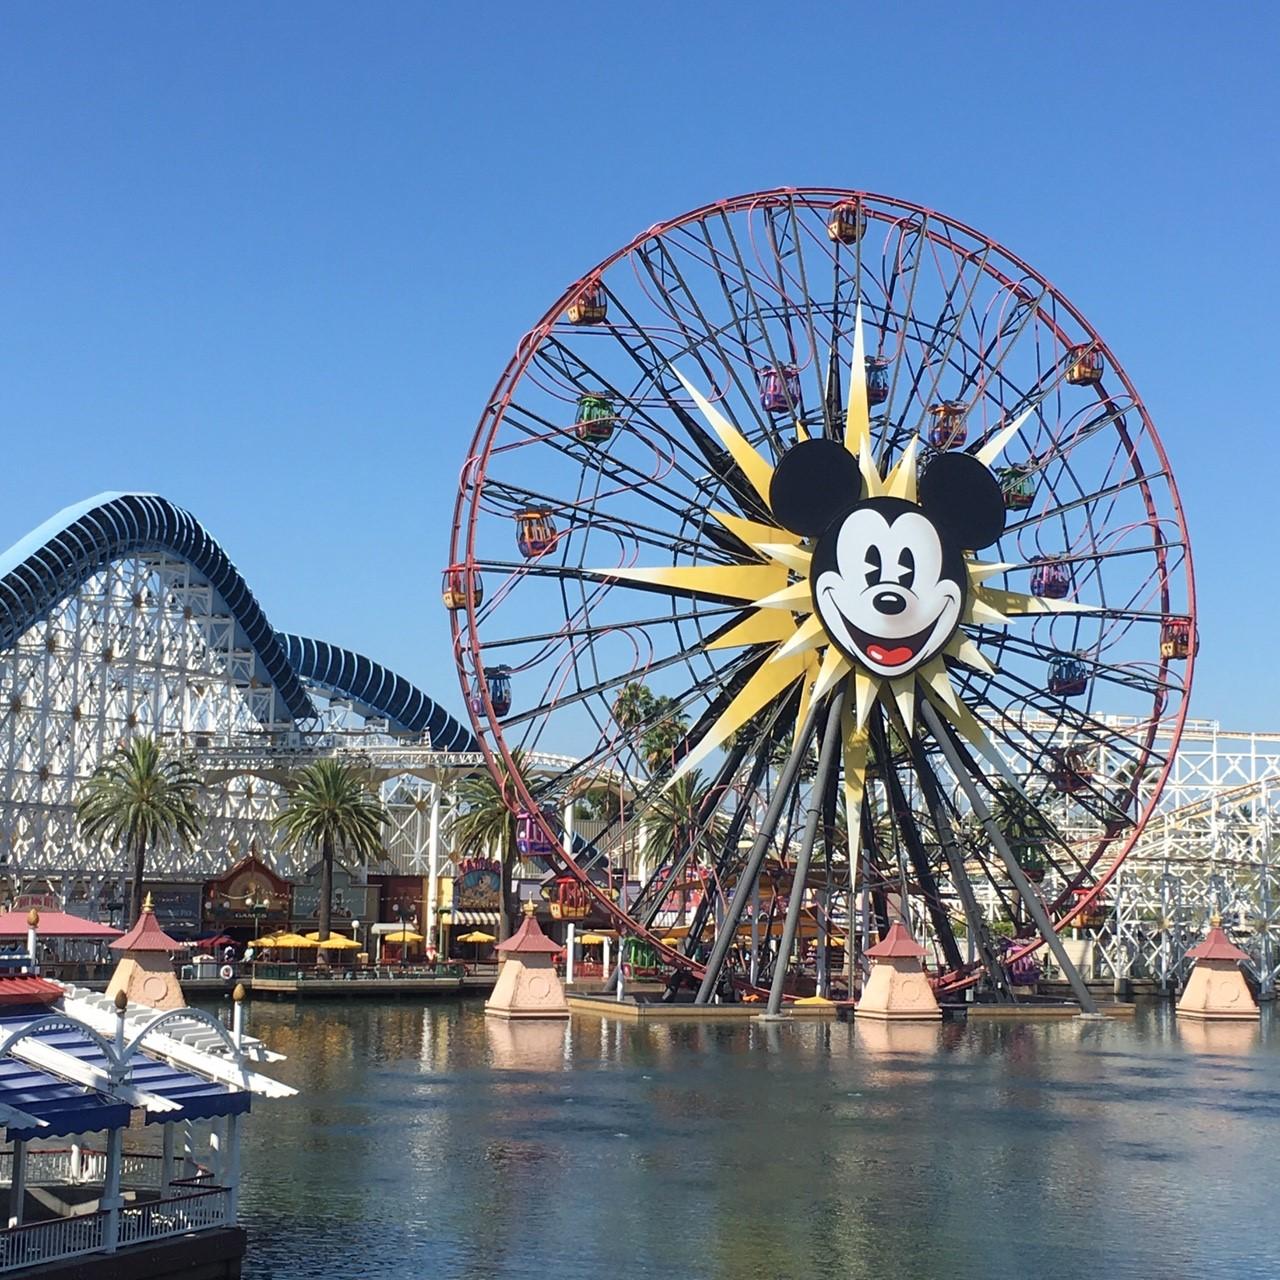 2016年夏休み ロサンゼルスディズニーとテーマパークへの旅①